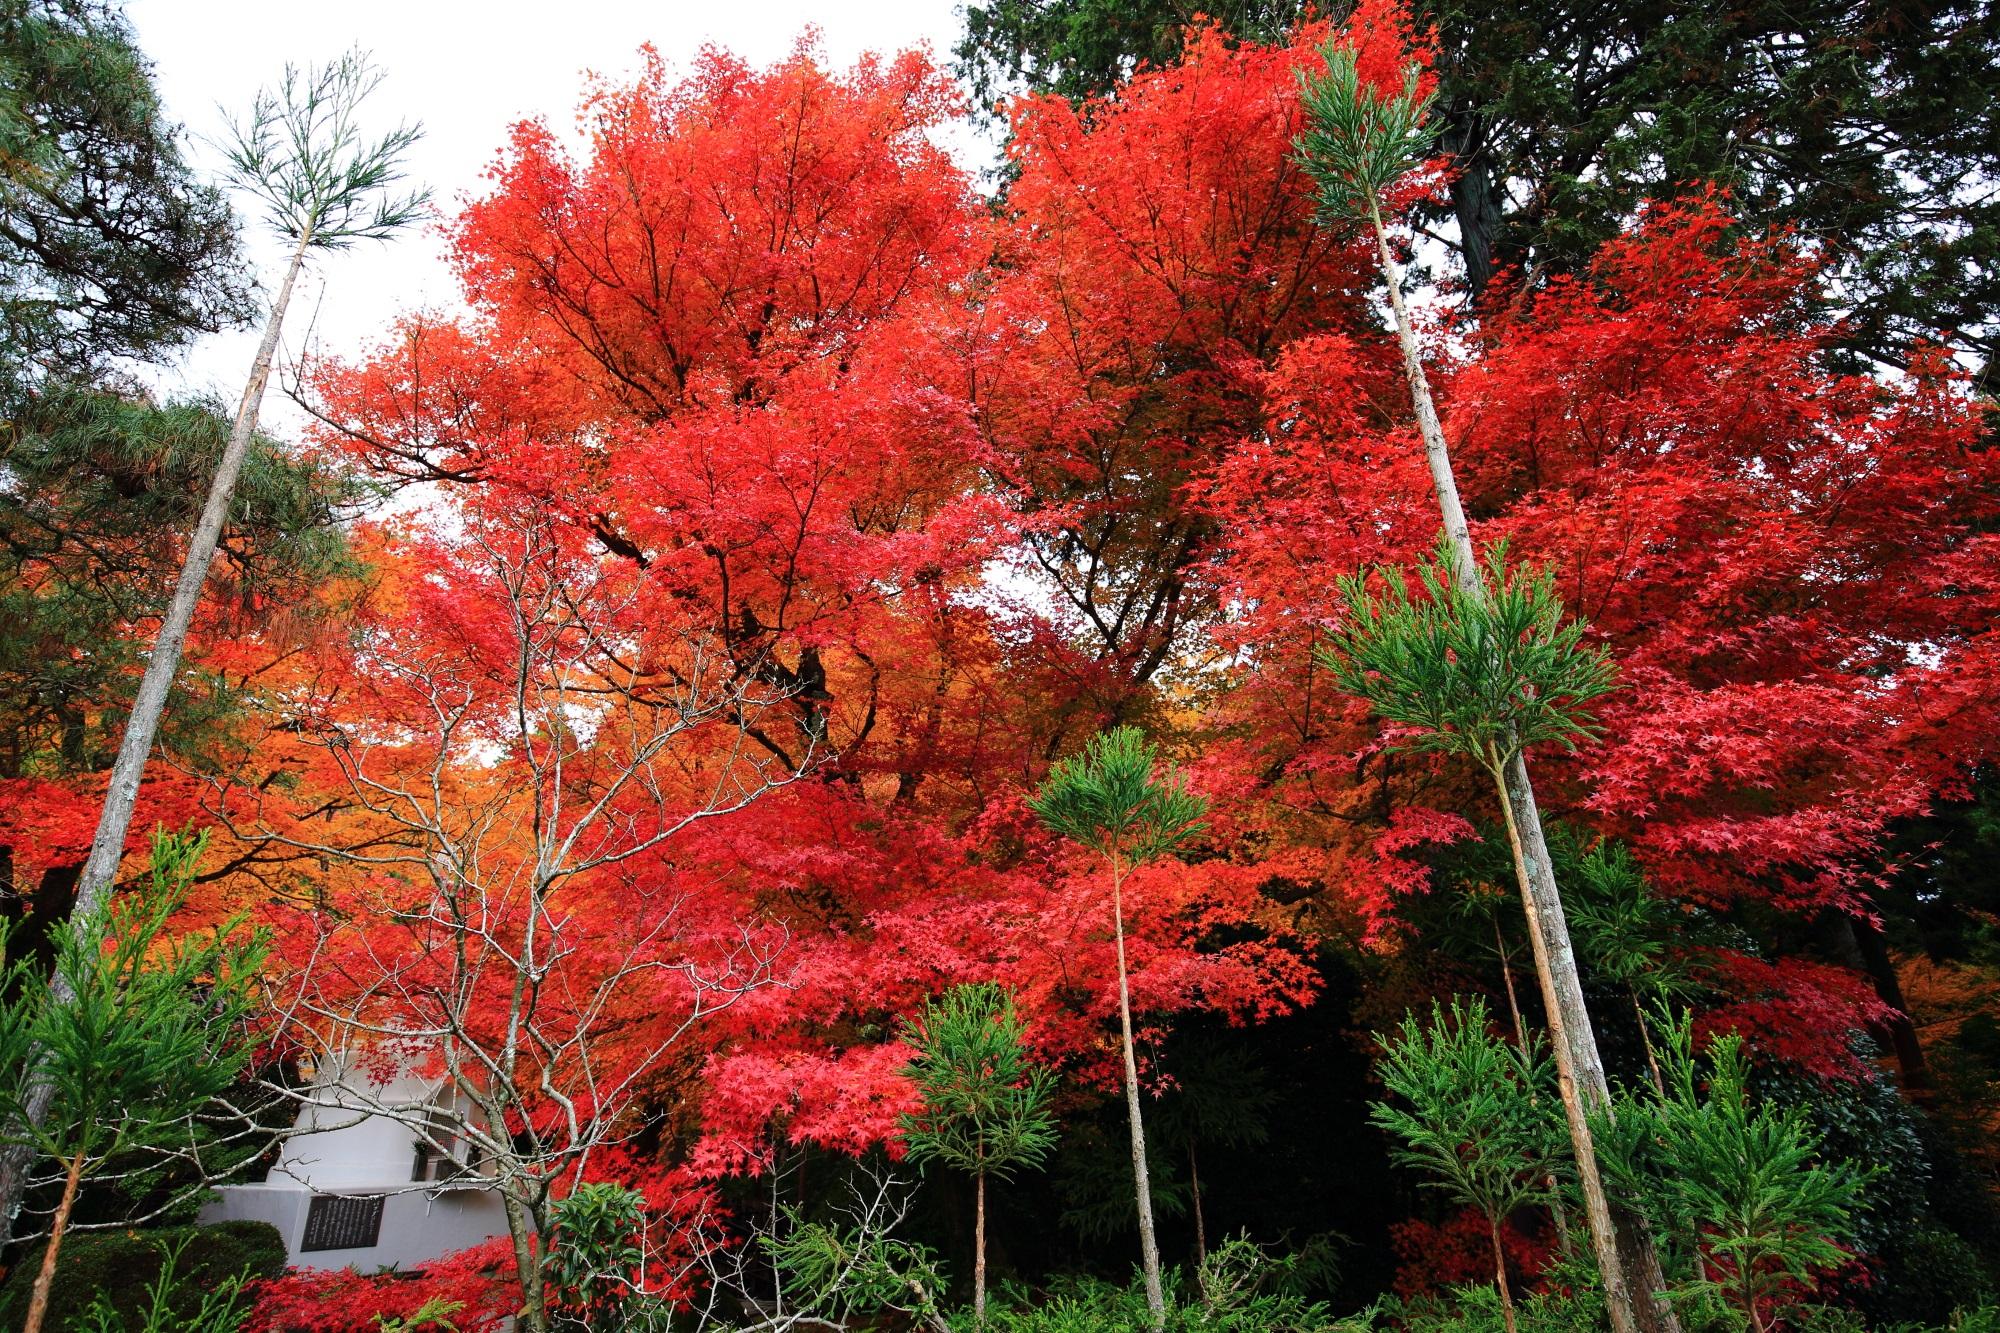 燃え上がるような形と色の紅葉